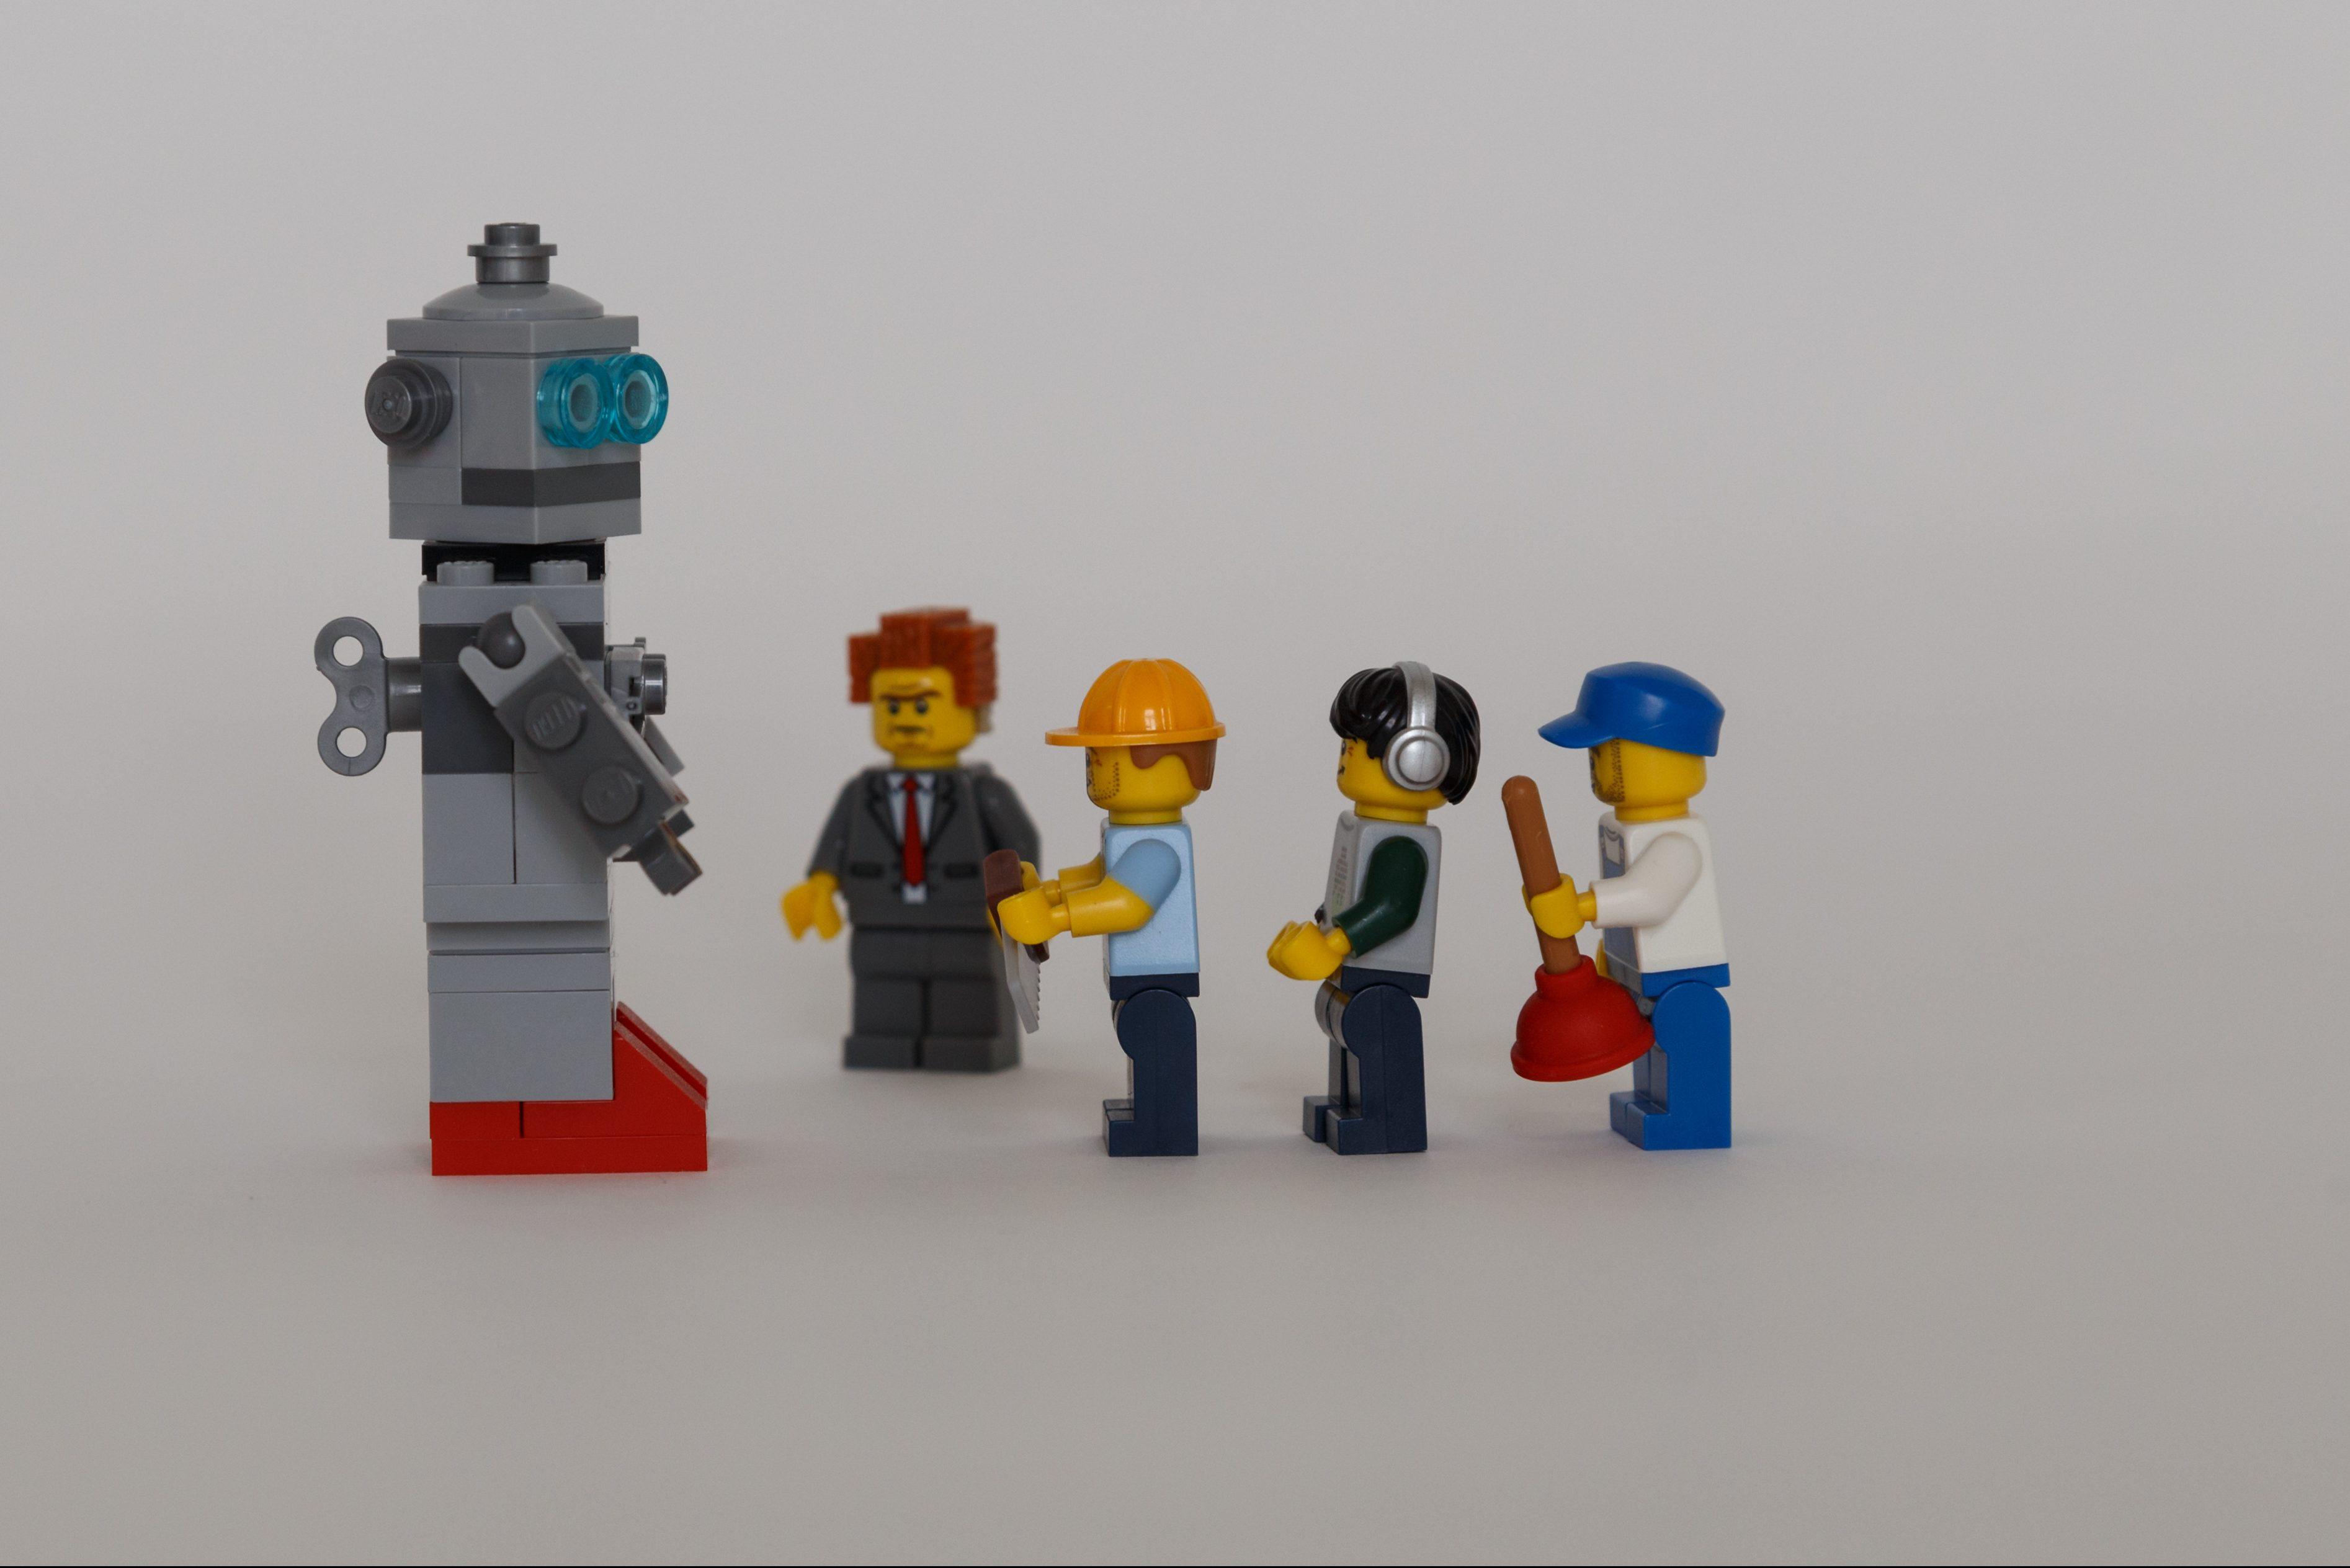 Robotics  (Credits: Kerstin Pernegg)